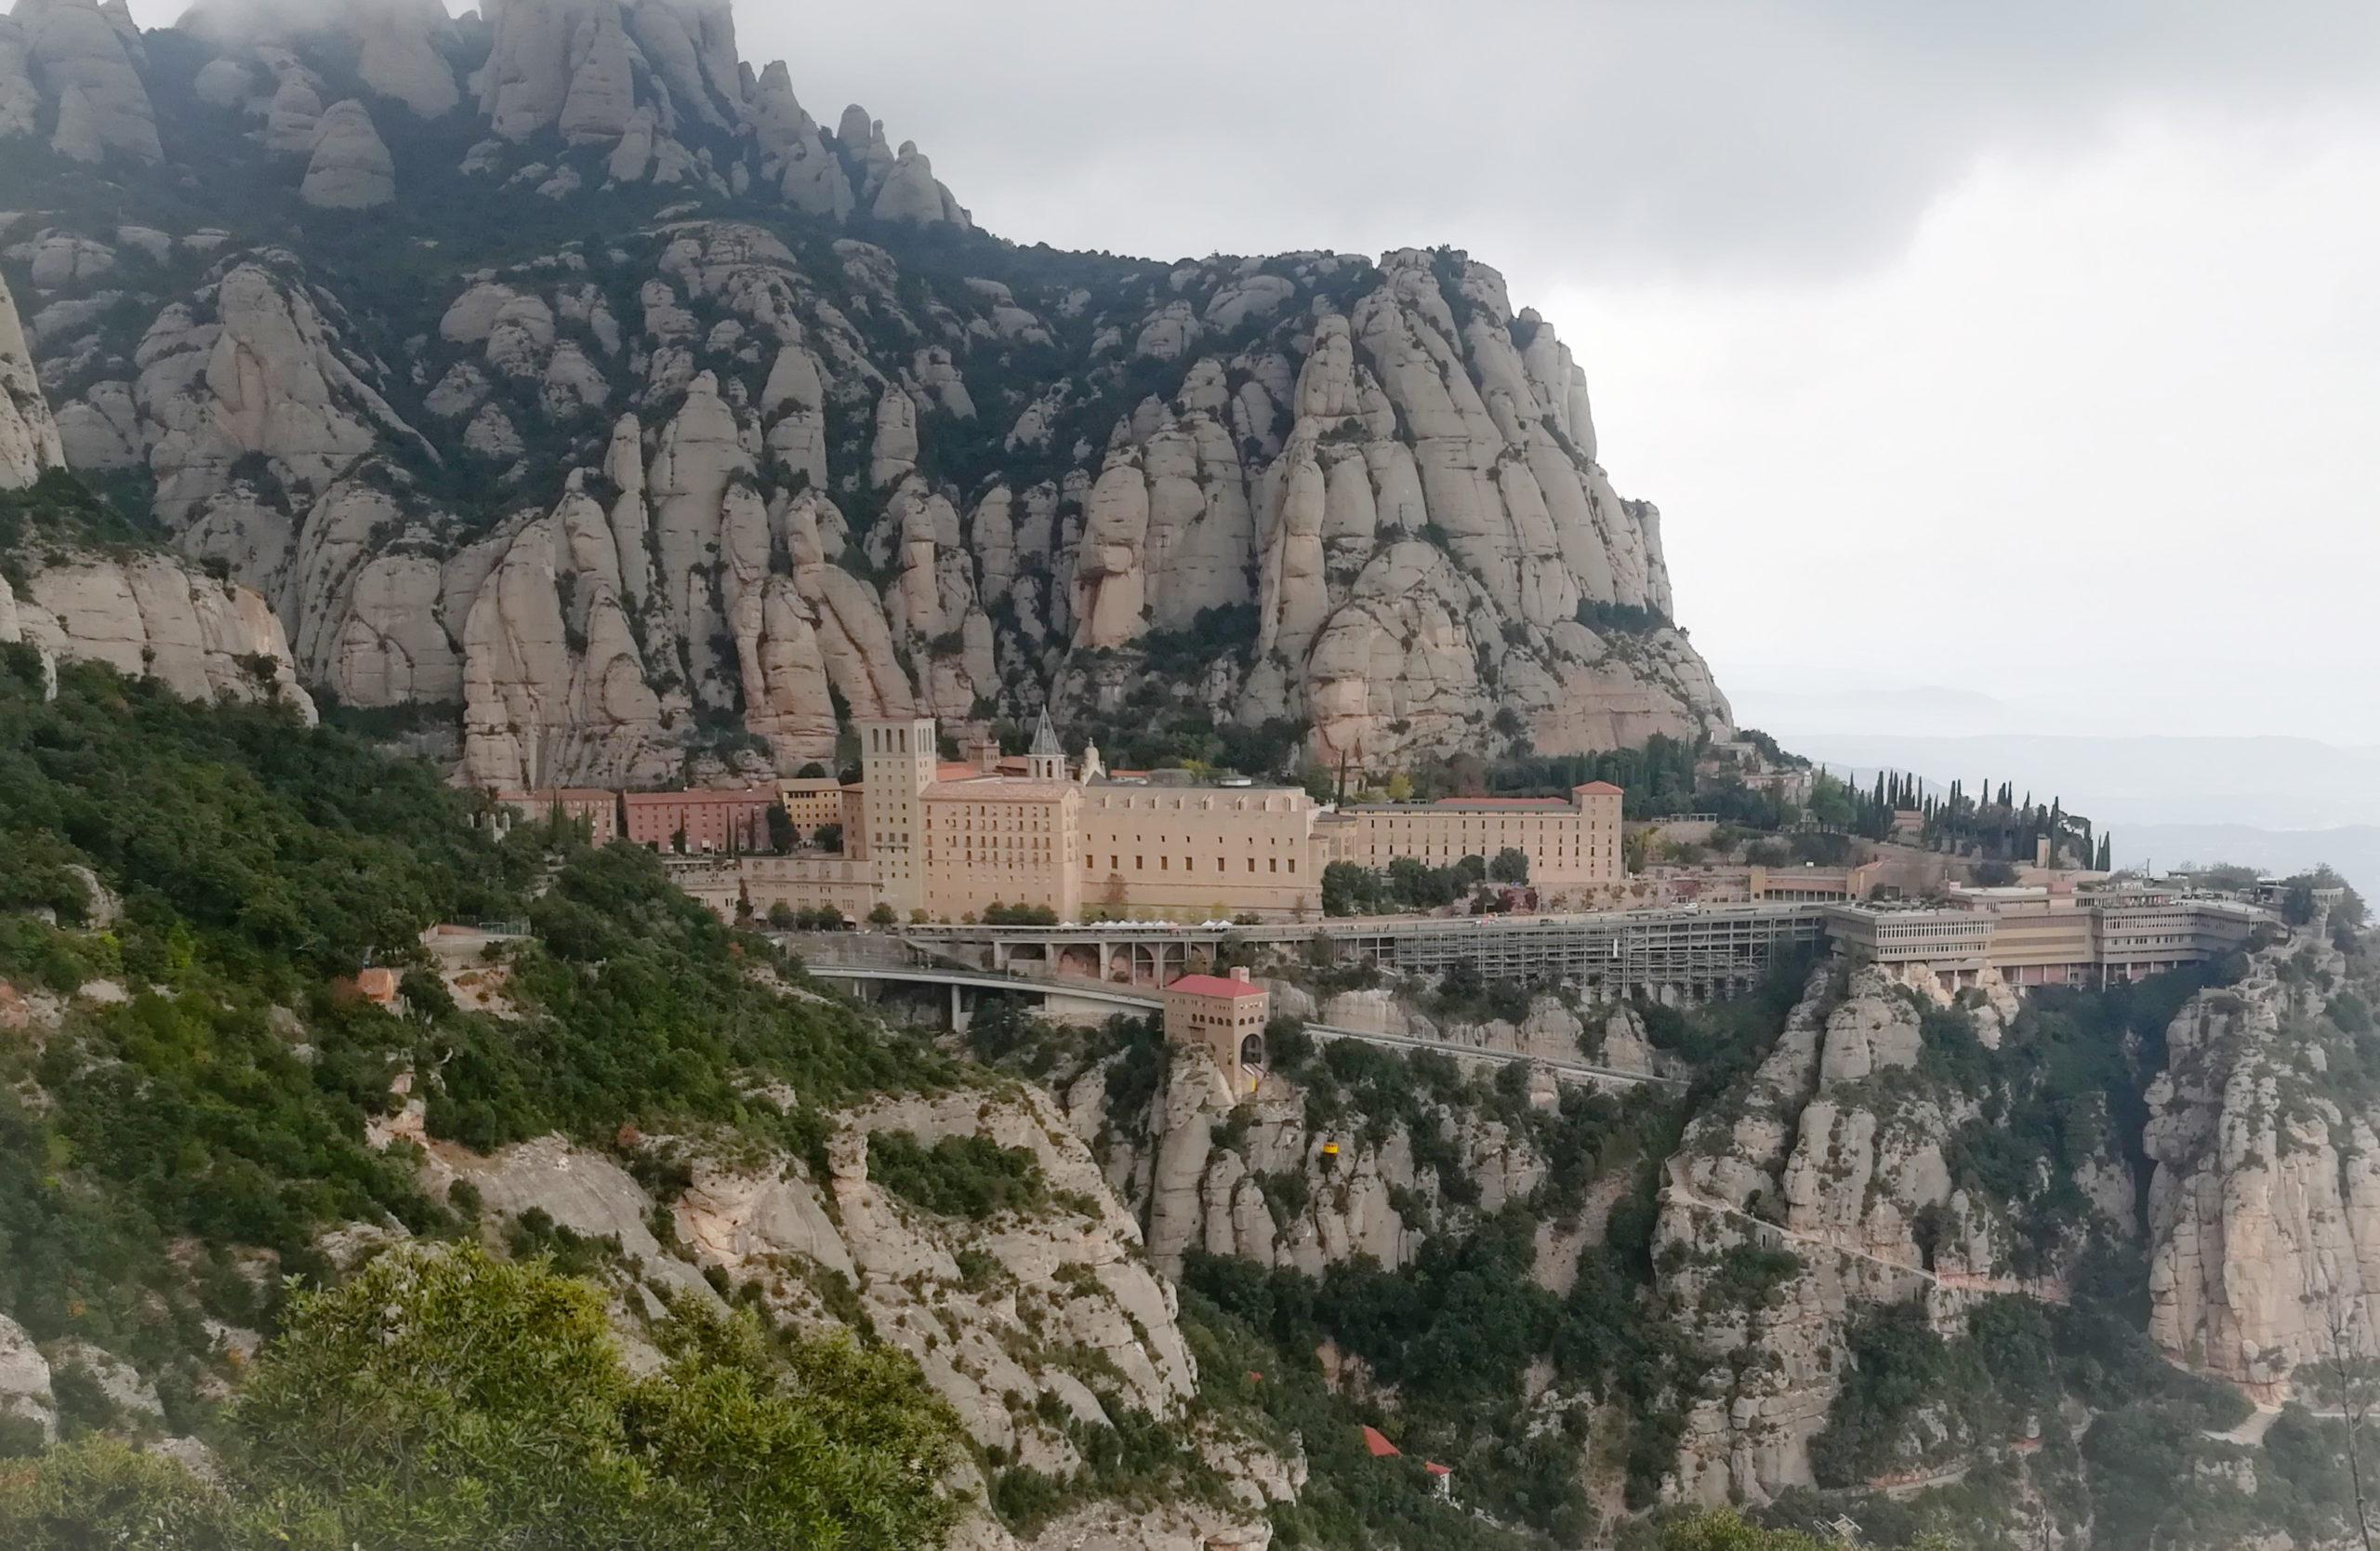 Монсеррат, Каталония, Испания Барселона как добраться